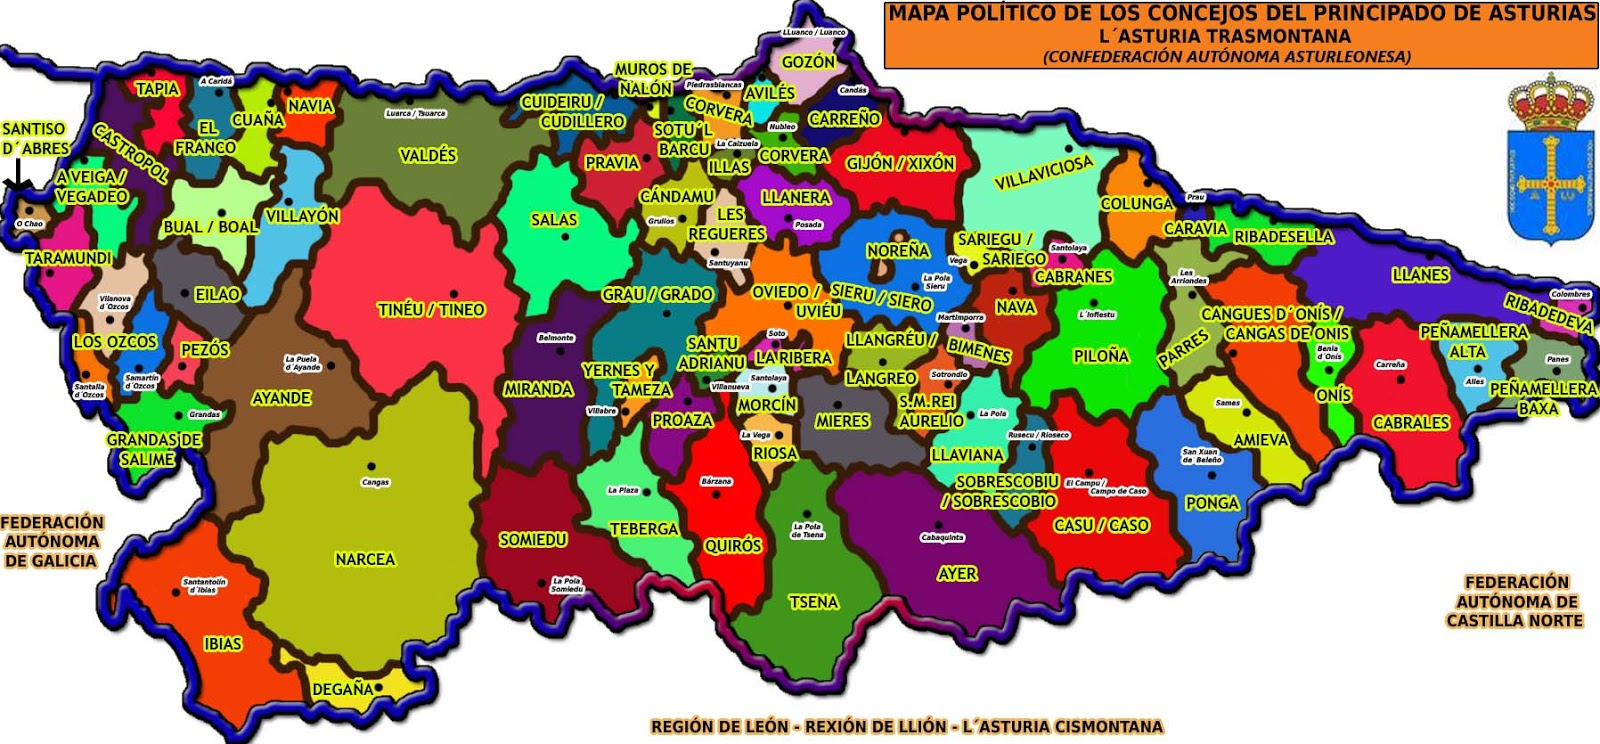 Mapa De Asturias Concejos.Mapa Politico Asturias